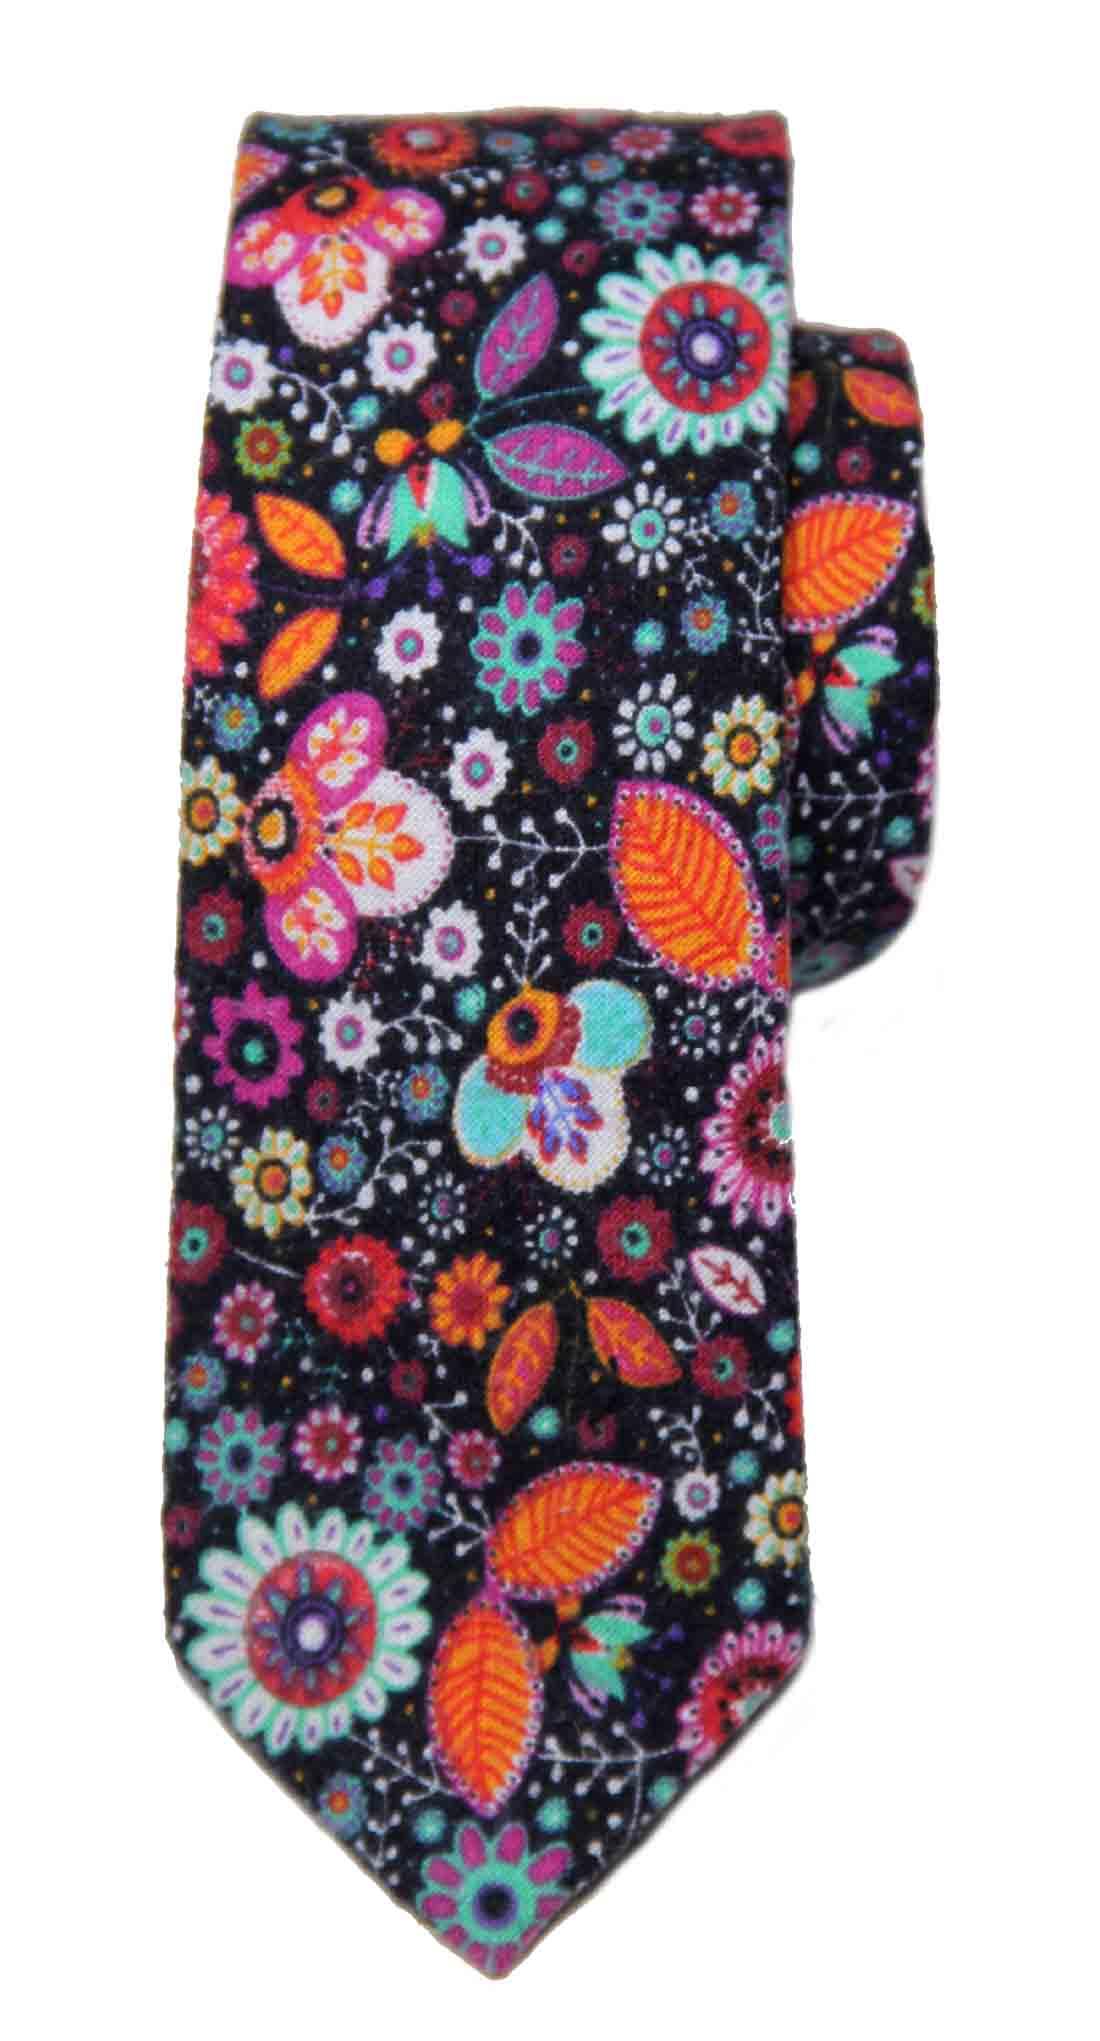 Tresanti Reale Tie Multicolor Floral Cotton Men's